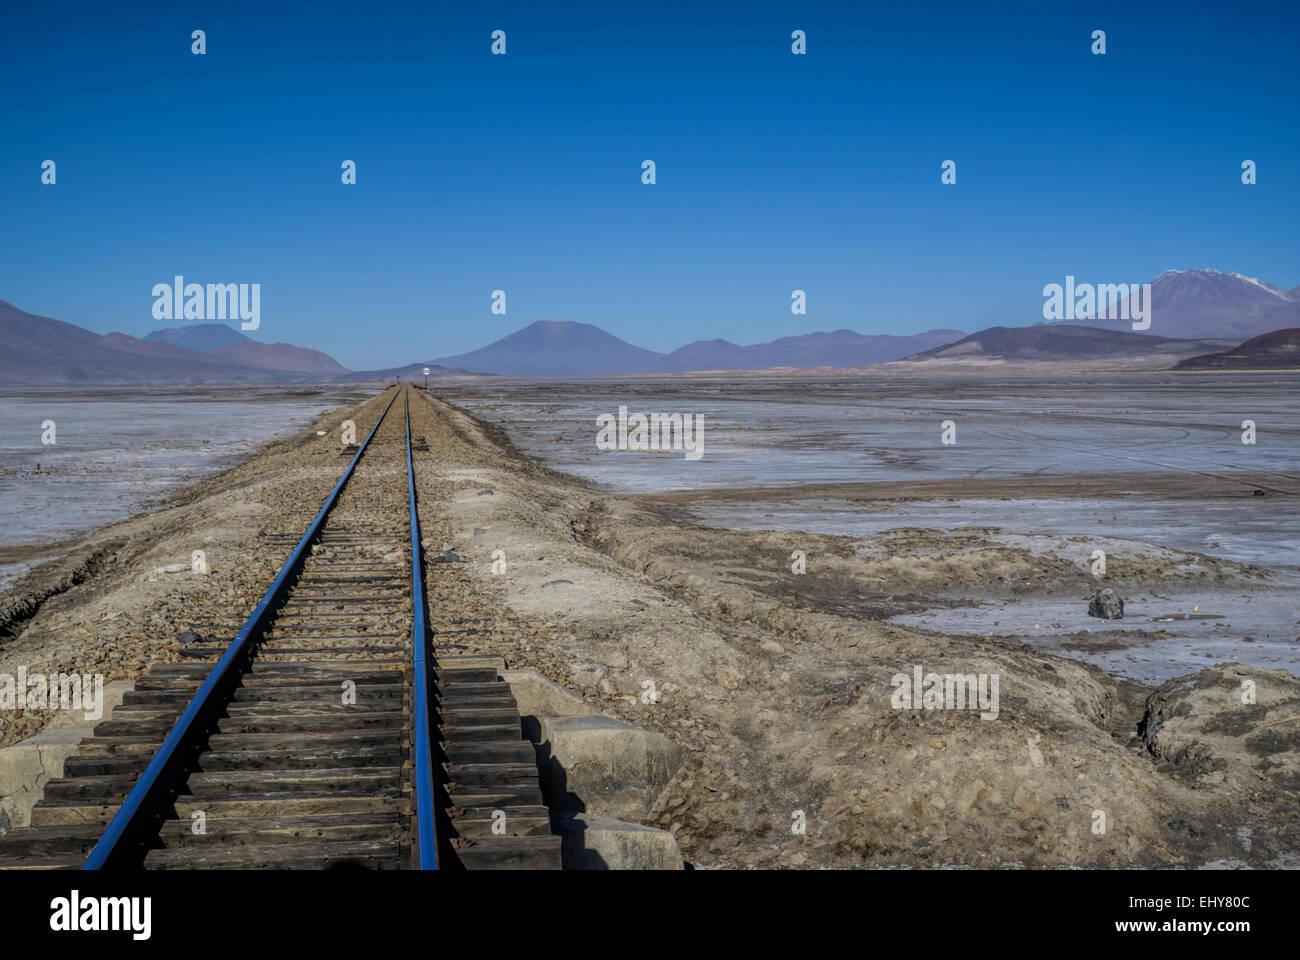 Rail tracks in desert covered by white salt in Salar de Uyuni in Bolivia - Stock Image